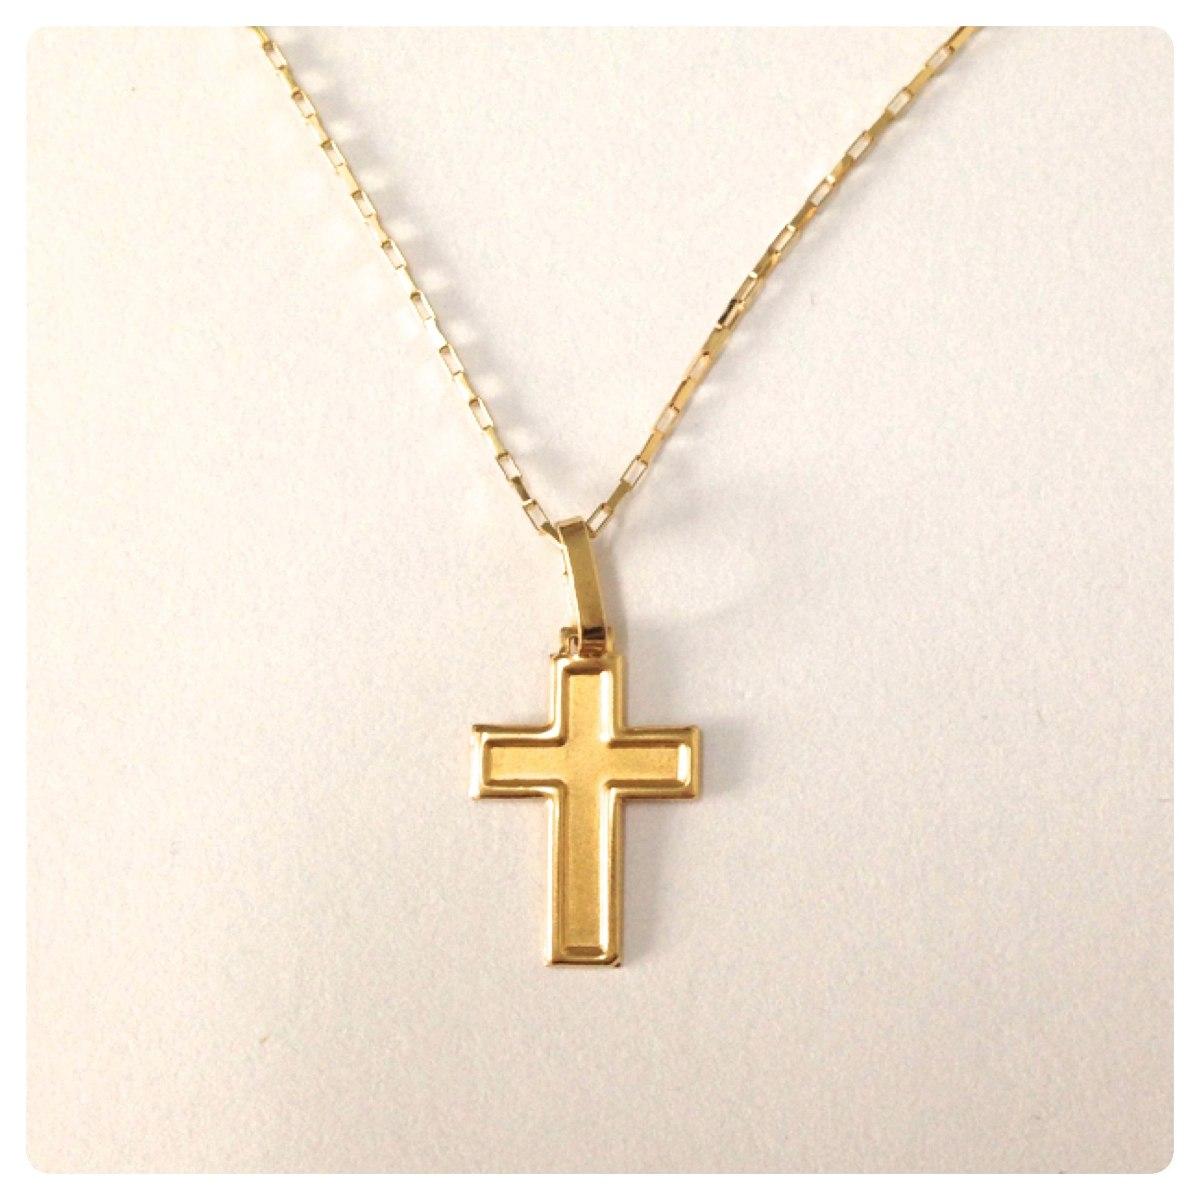 5307b72762657 pingente cruz de 2.3 cm de ouro 18k - 750. Carregando zoom.